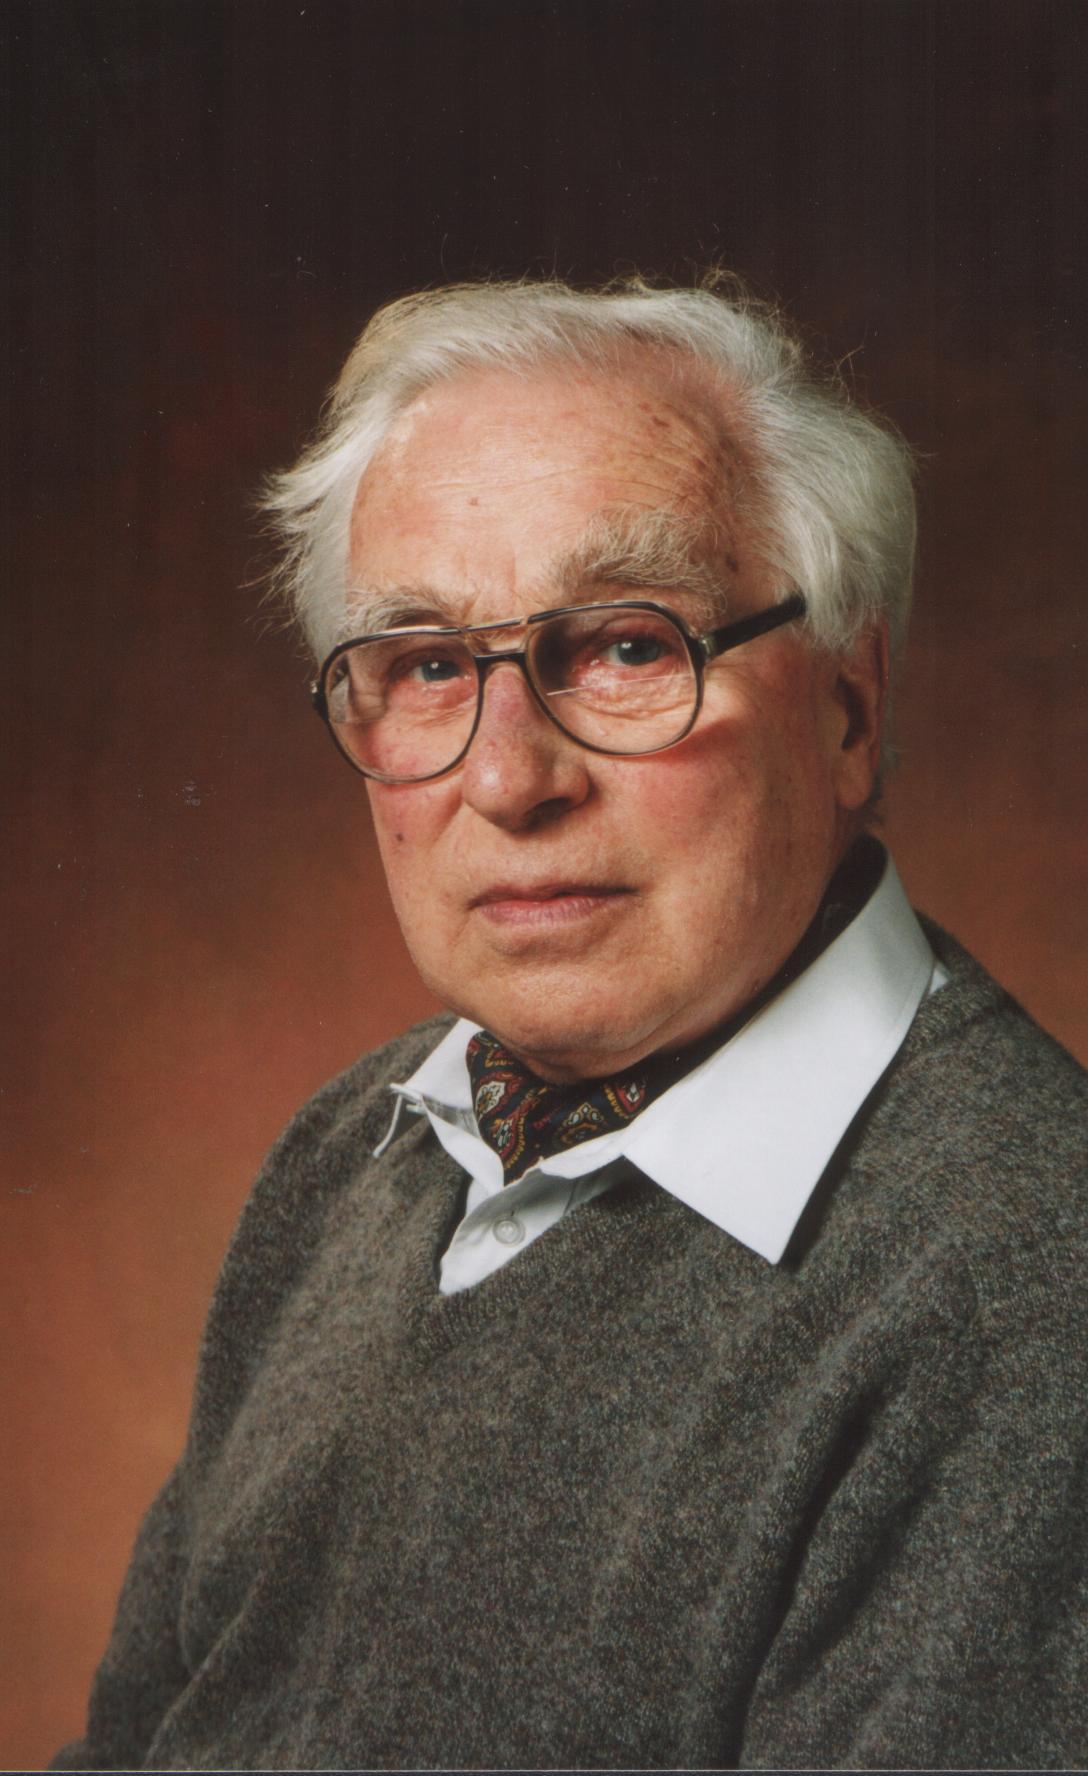 Tom Atkinson